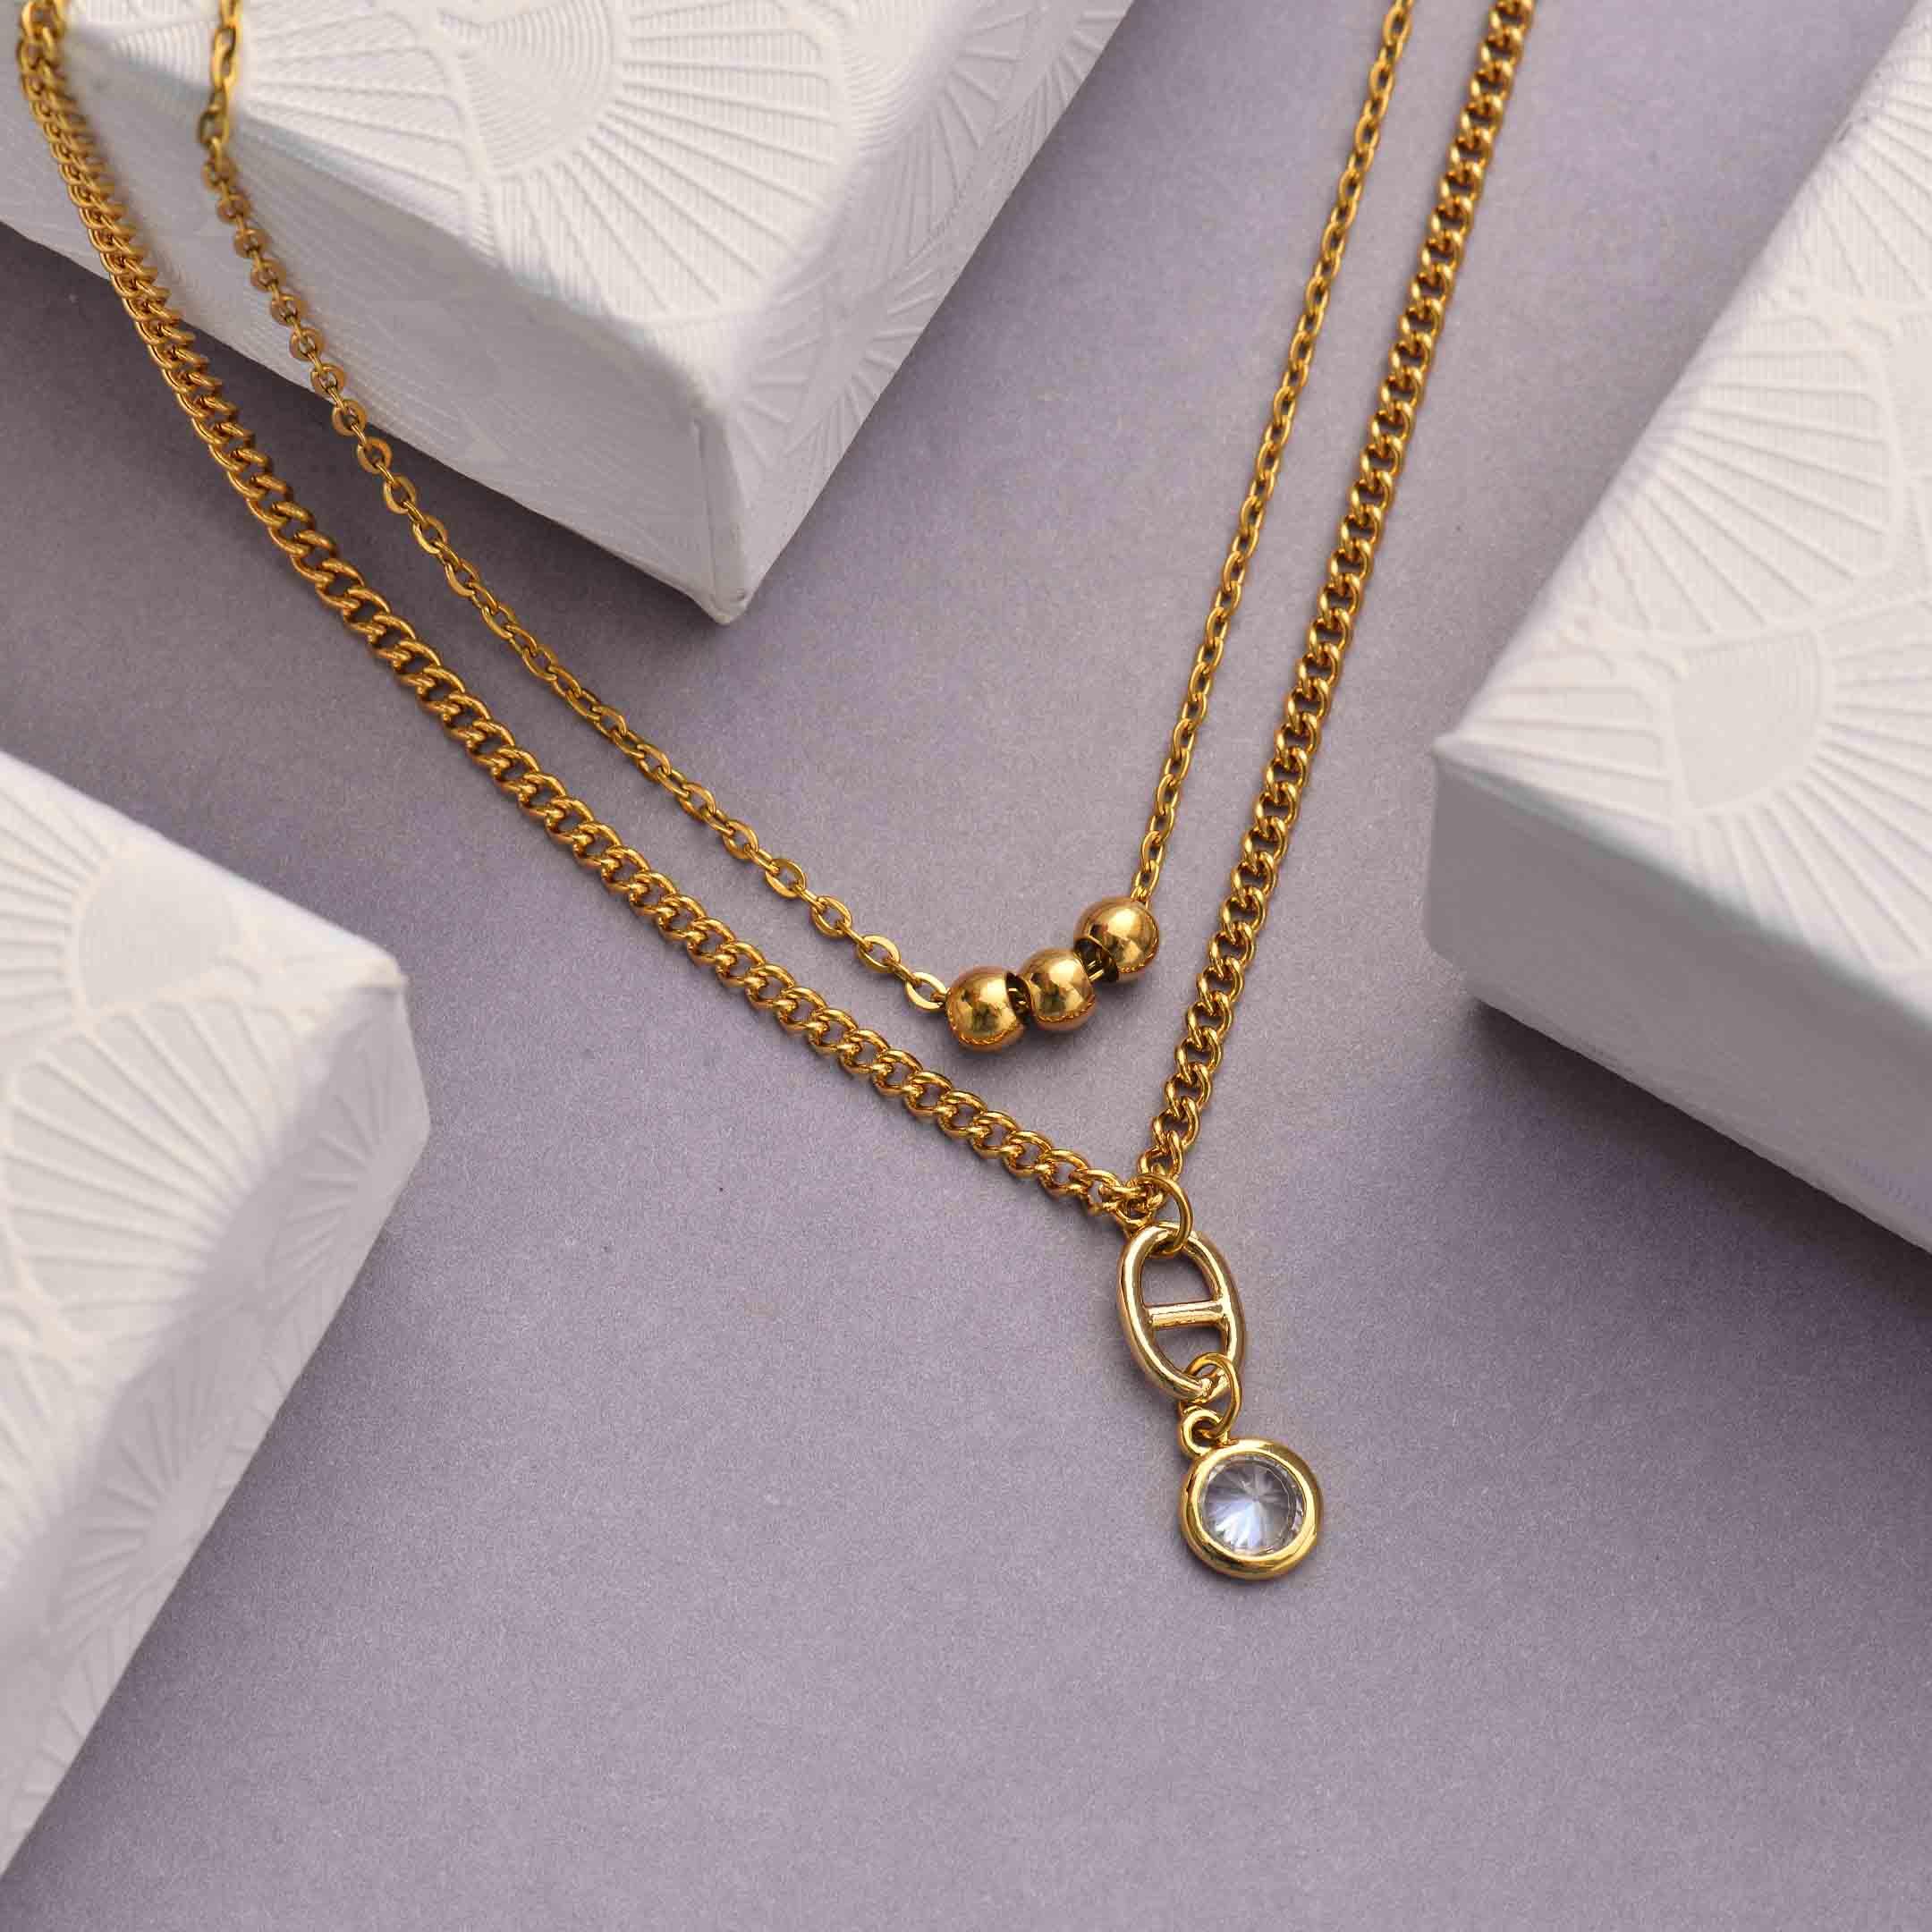 Collares de Acero Inoxidable para Mujer al por Mayor -SSNEG142-33807